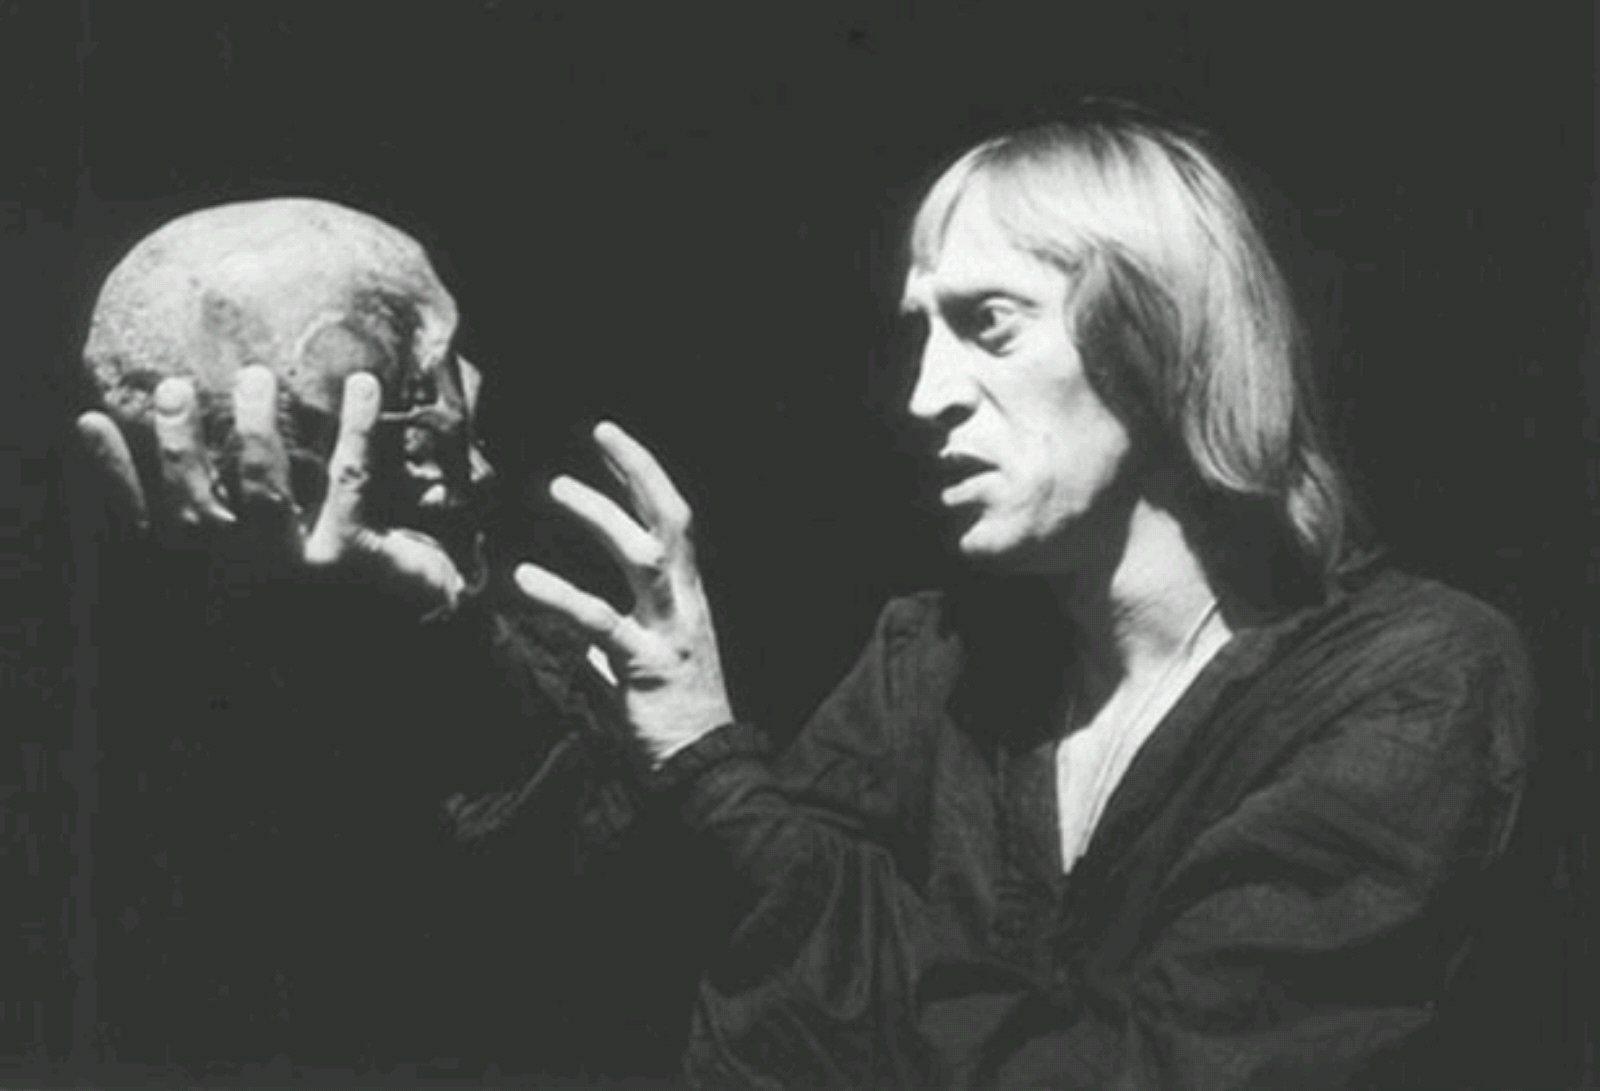 шекспир бедный йорик картинки передвижные устройства